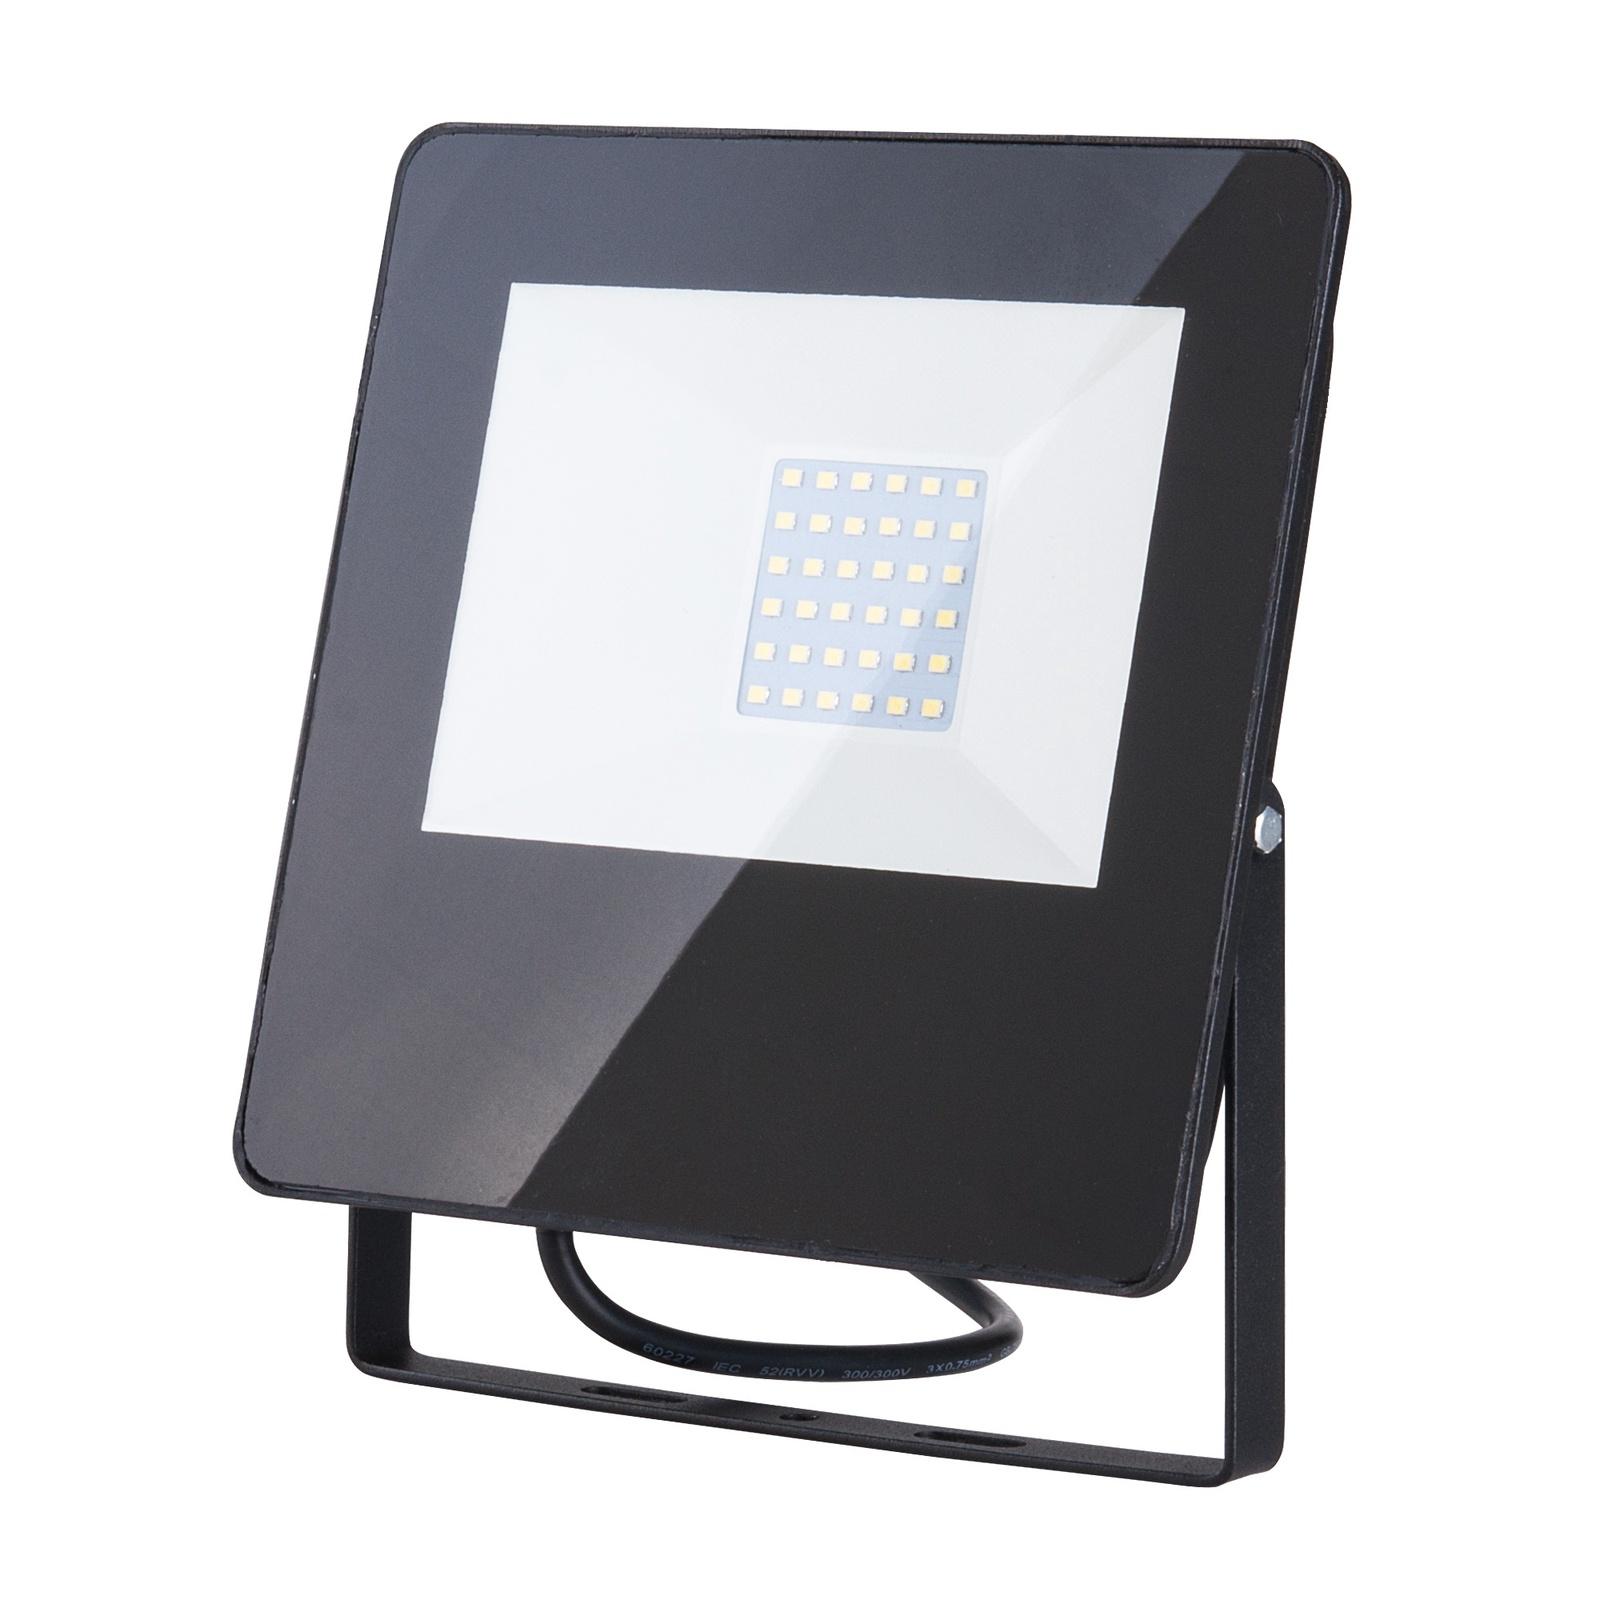 Прожектор Elektrostandard светодиодный 013 FL LED 30W 6500K IP65, 6500, 30 Вт elektrostandart прожектор прожектор с датчиком 003 fl led 30w 6500k ip44